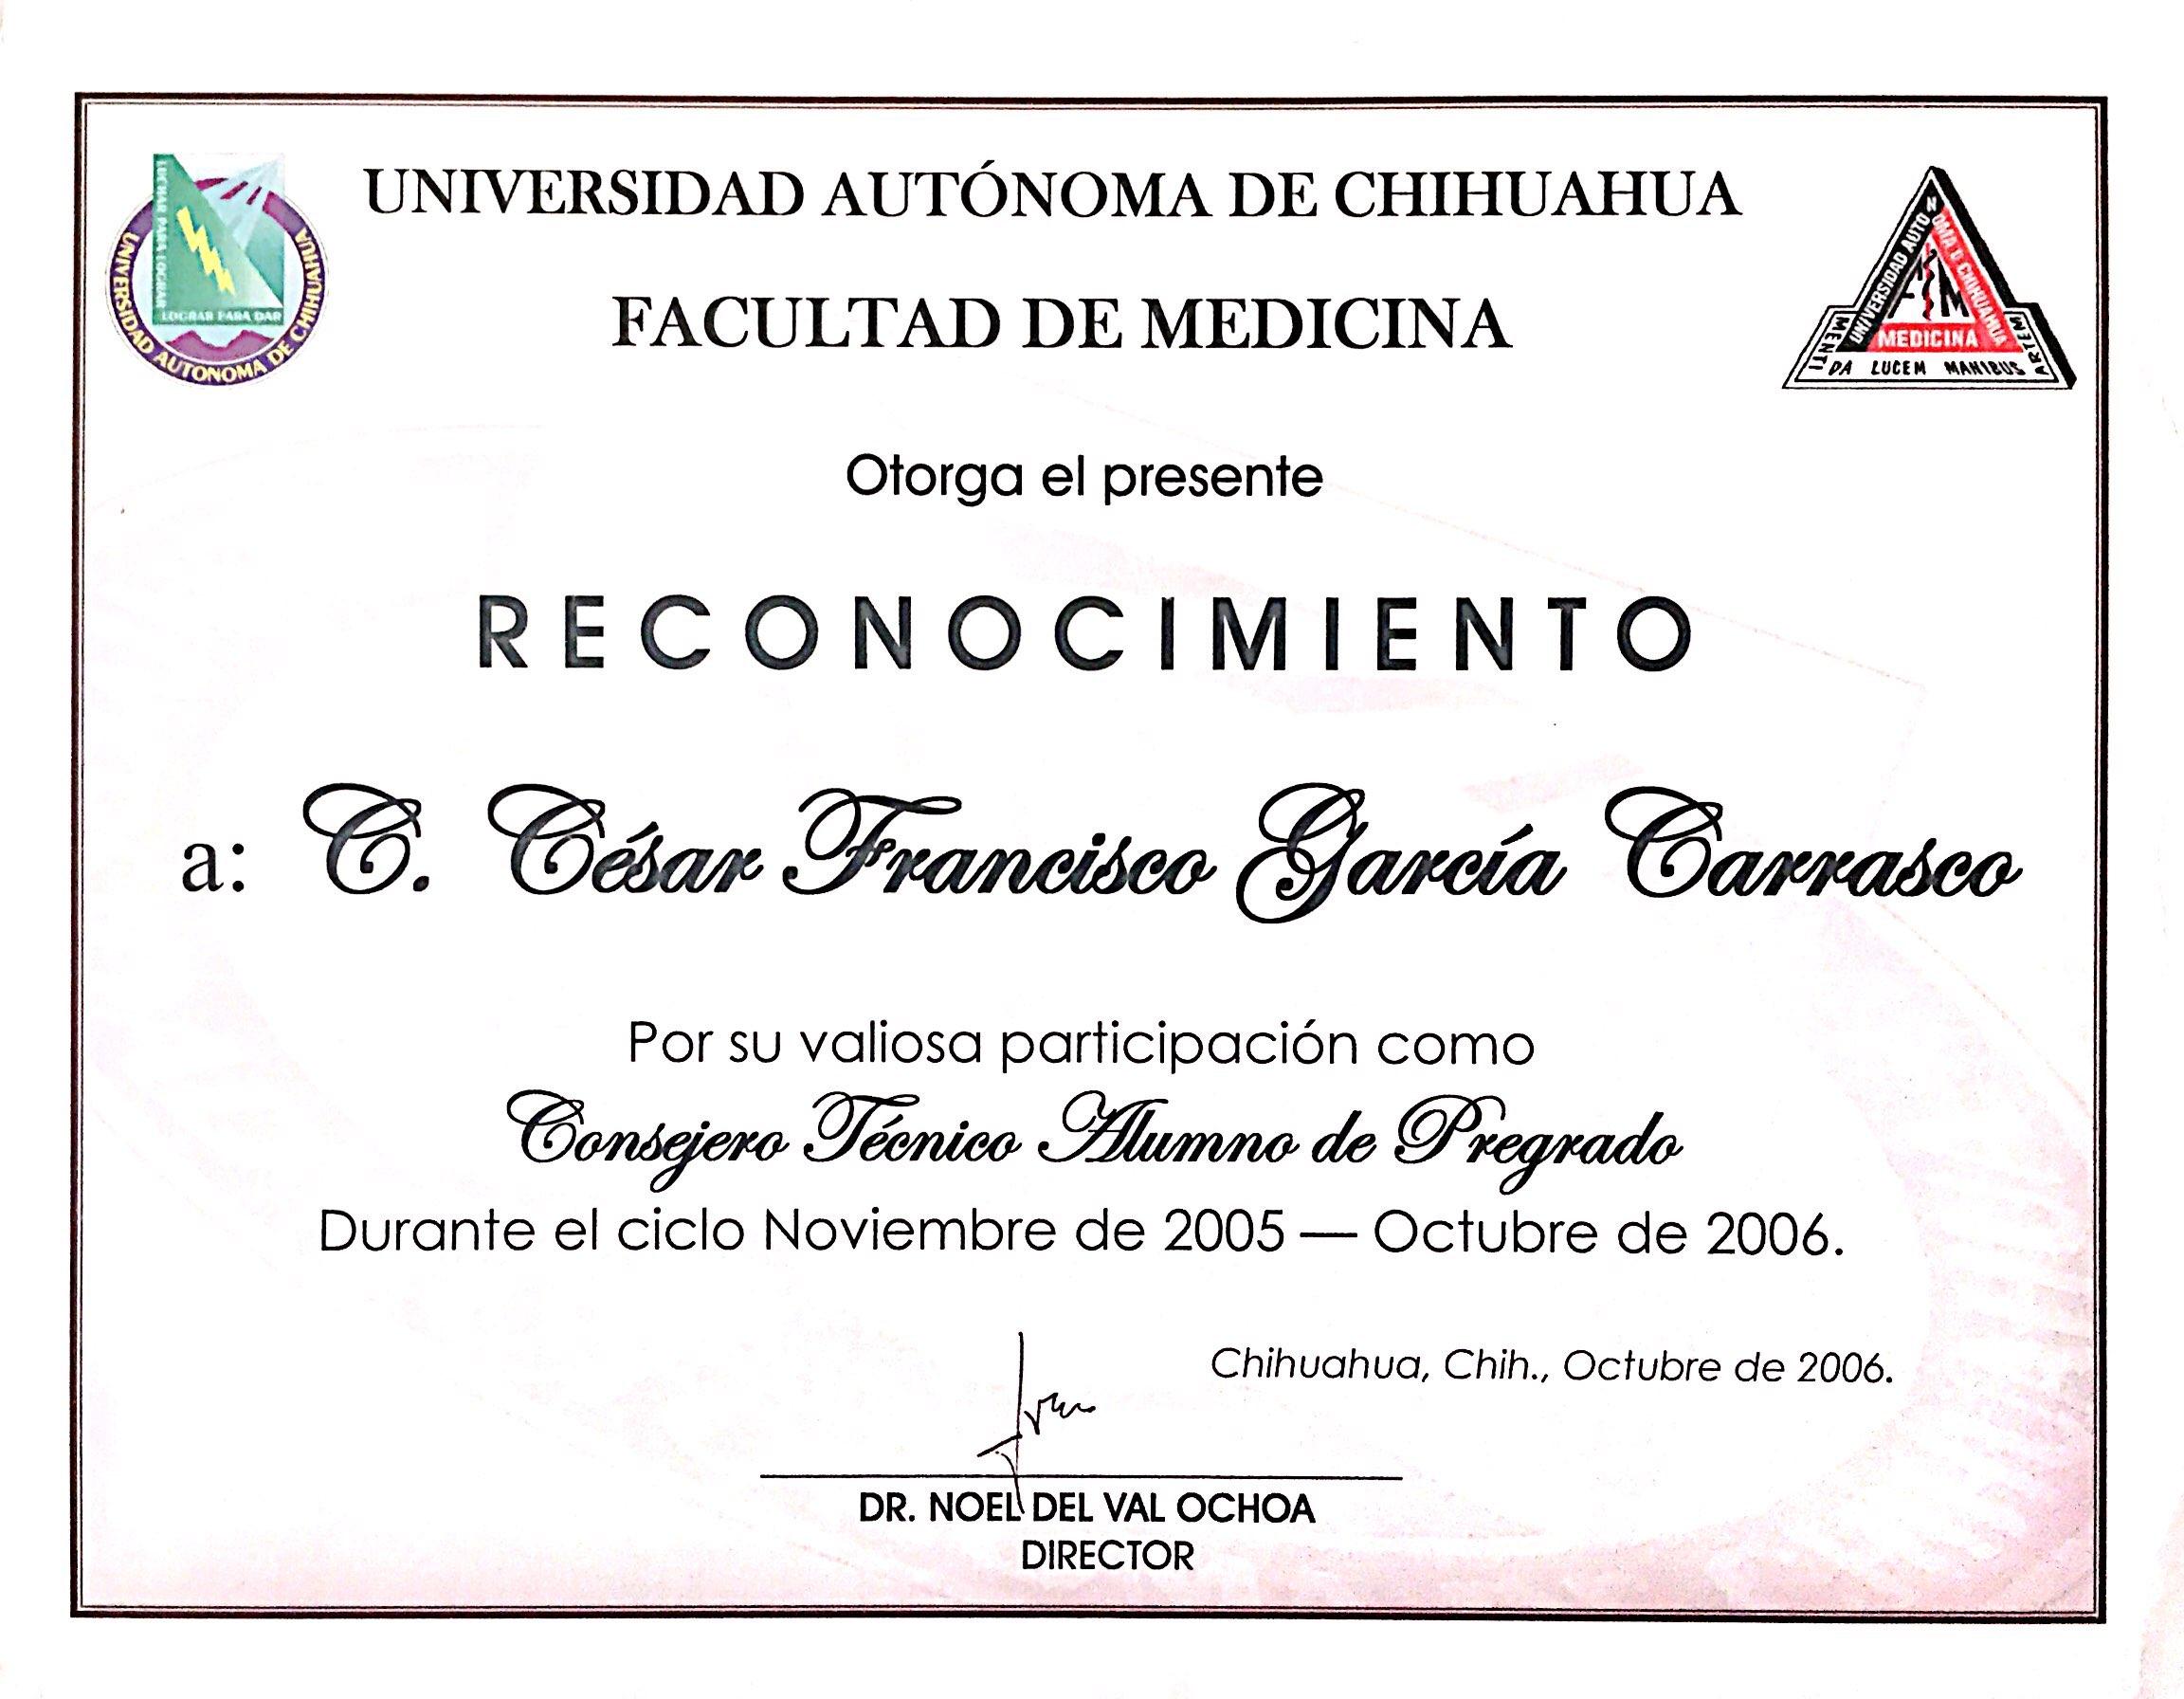 Dr. Garcia Carrazco_17